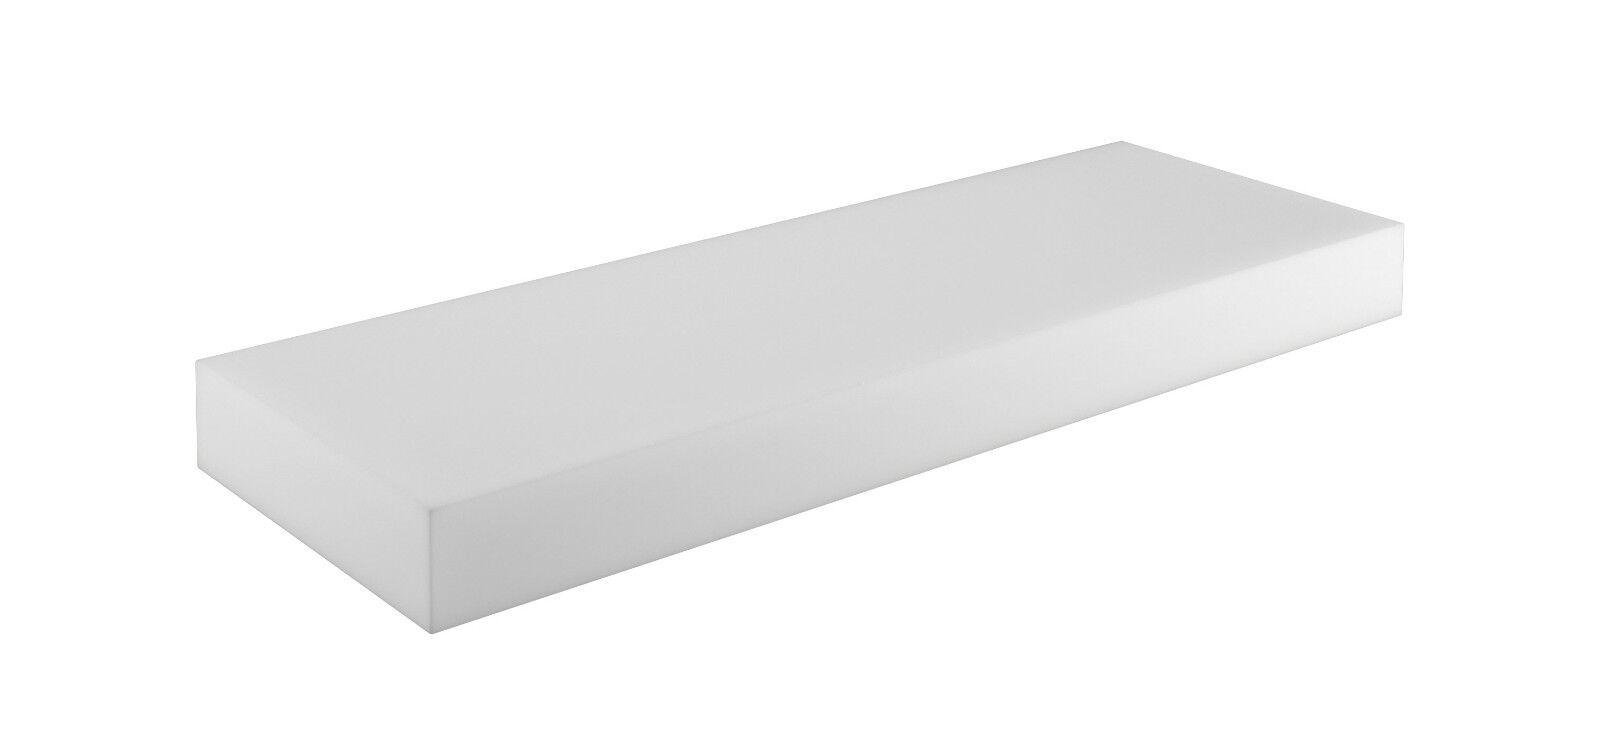 Schaumstoffplatte für Europalette Polsterauflage Matratze Zuschnitt 120x80cm Sitzkissen 120x40x15cm